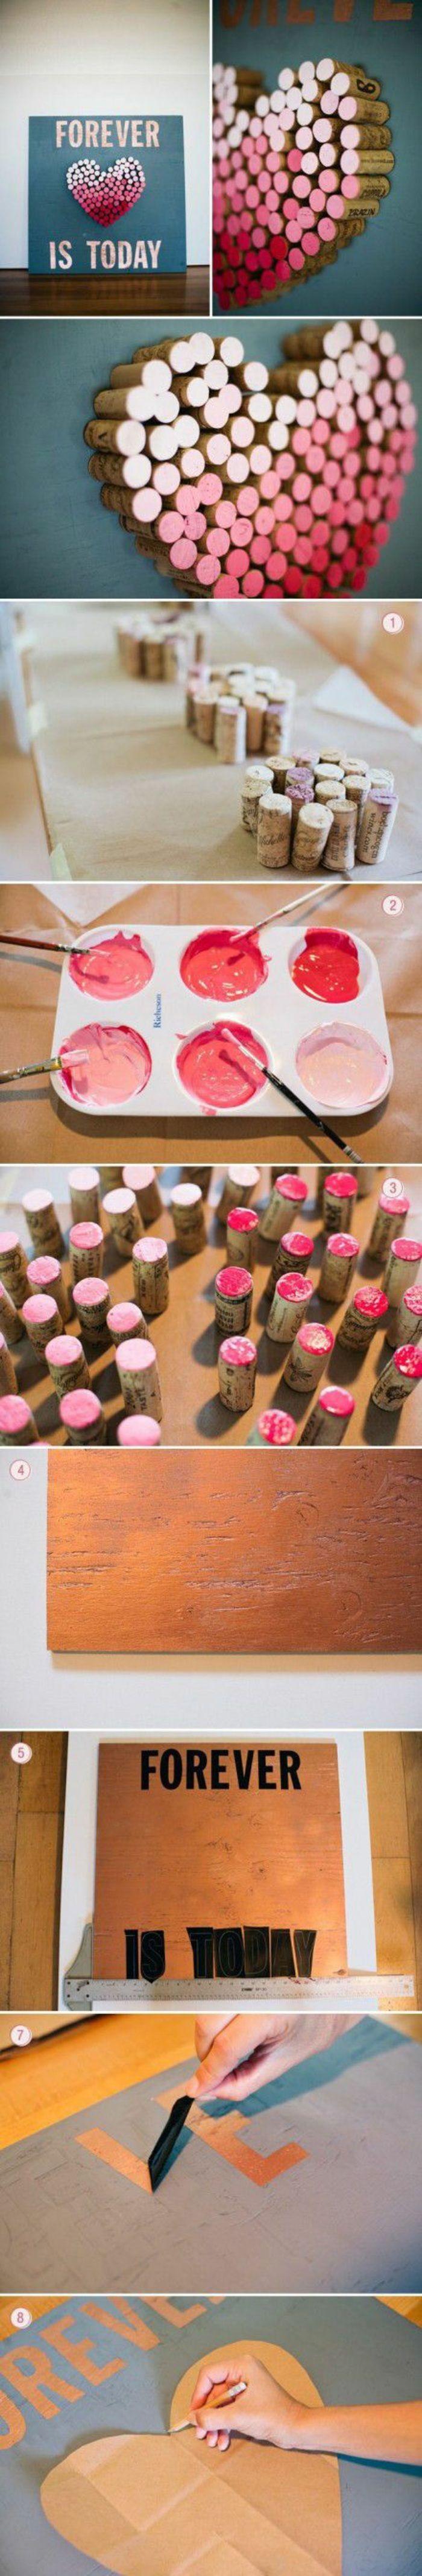 Marvelous diy wanddeko rosa herz aus weinkorken selber machen